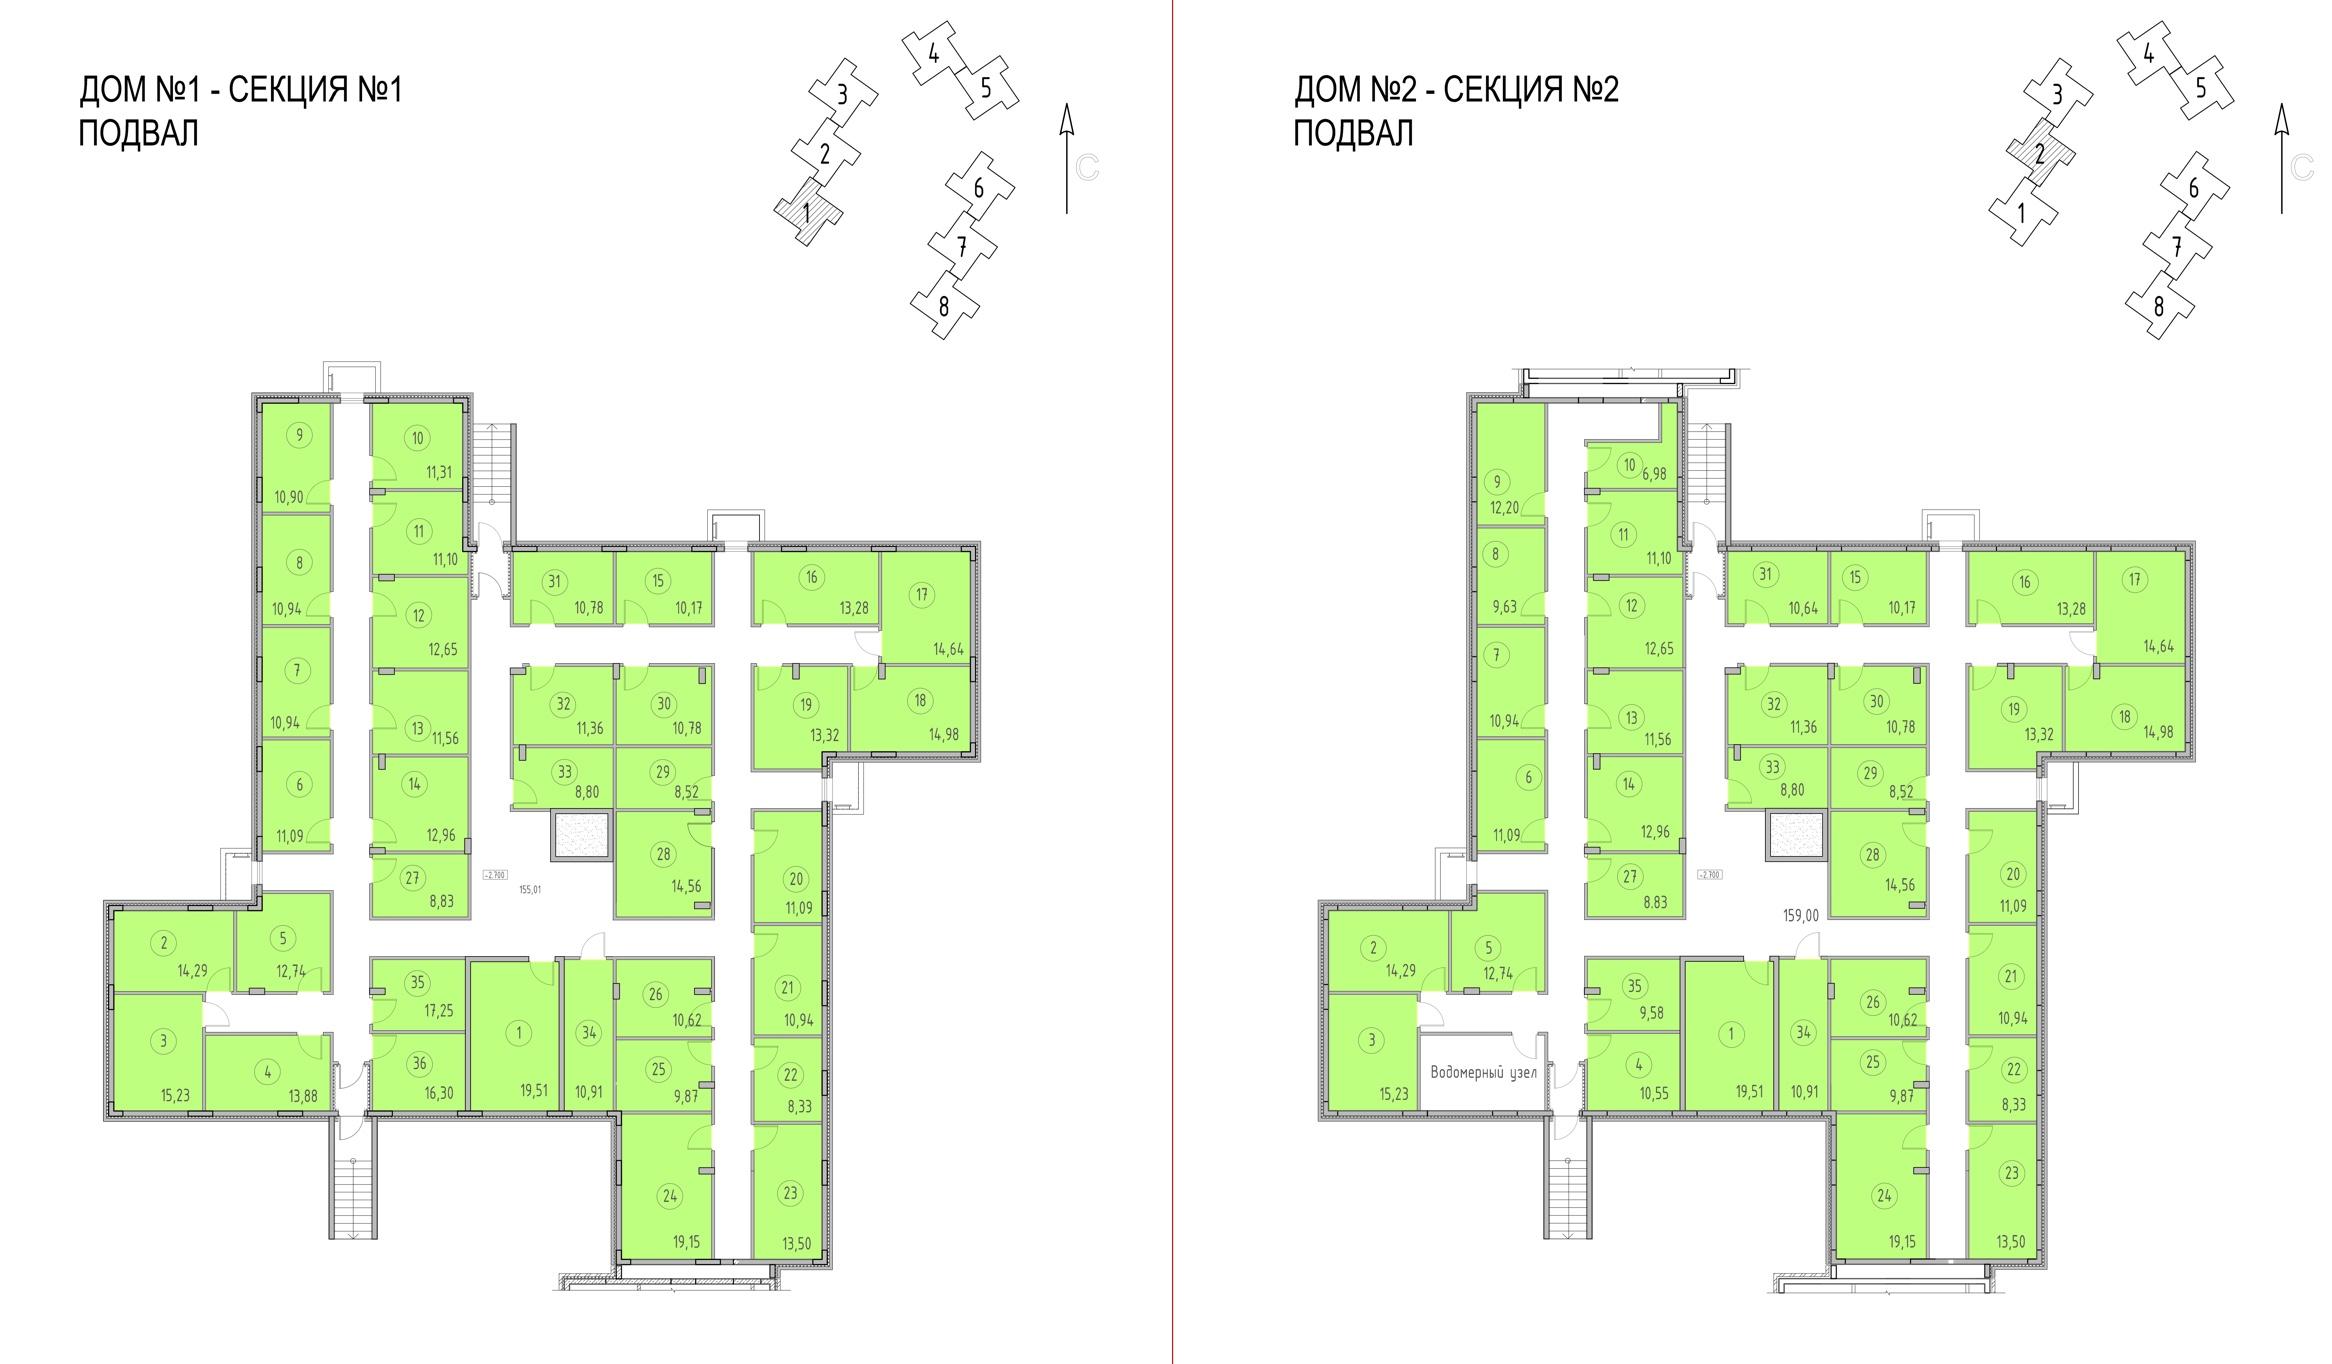 Кладовые домов 1 и 2